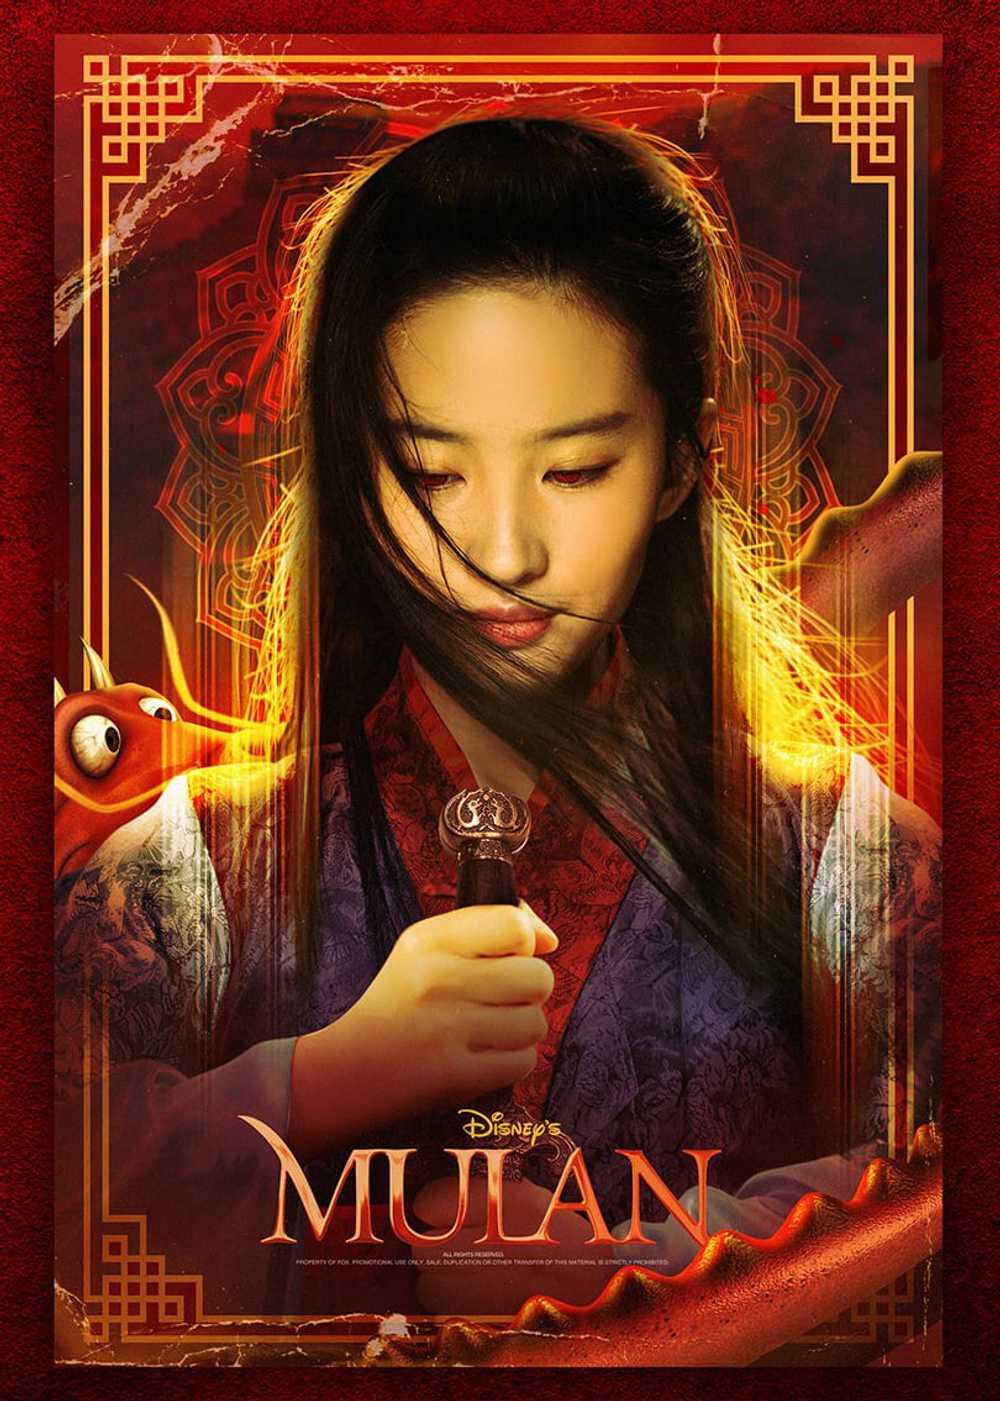 Mulan 2020 movie still